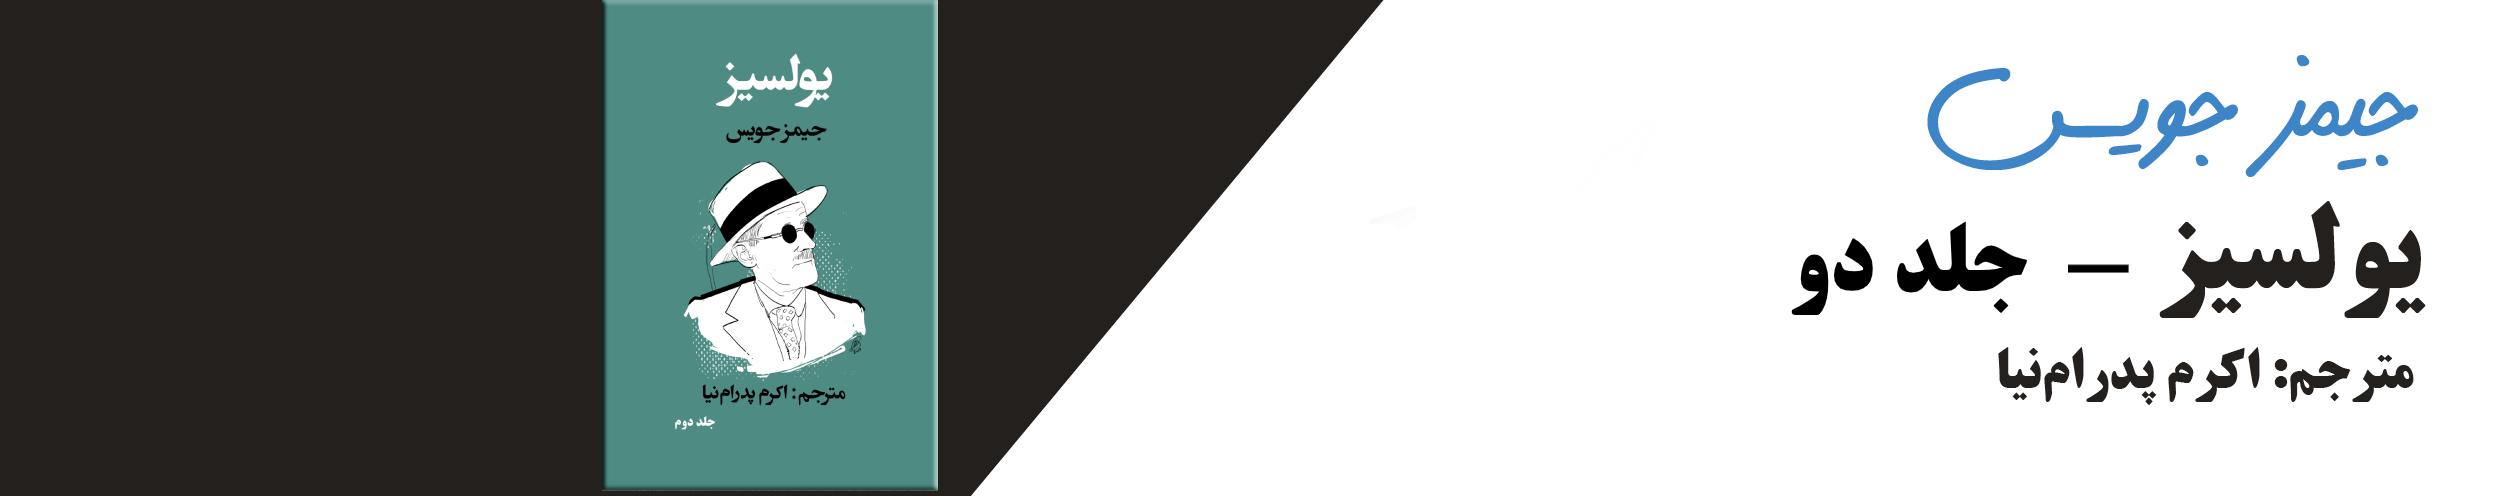 یولسیز - جلد دو